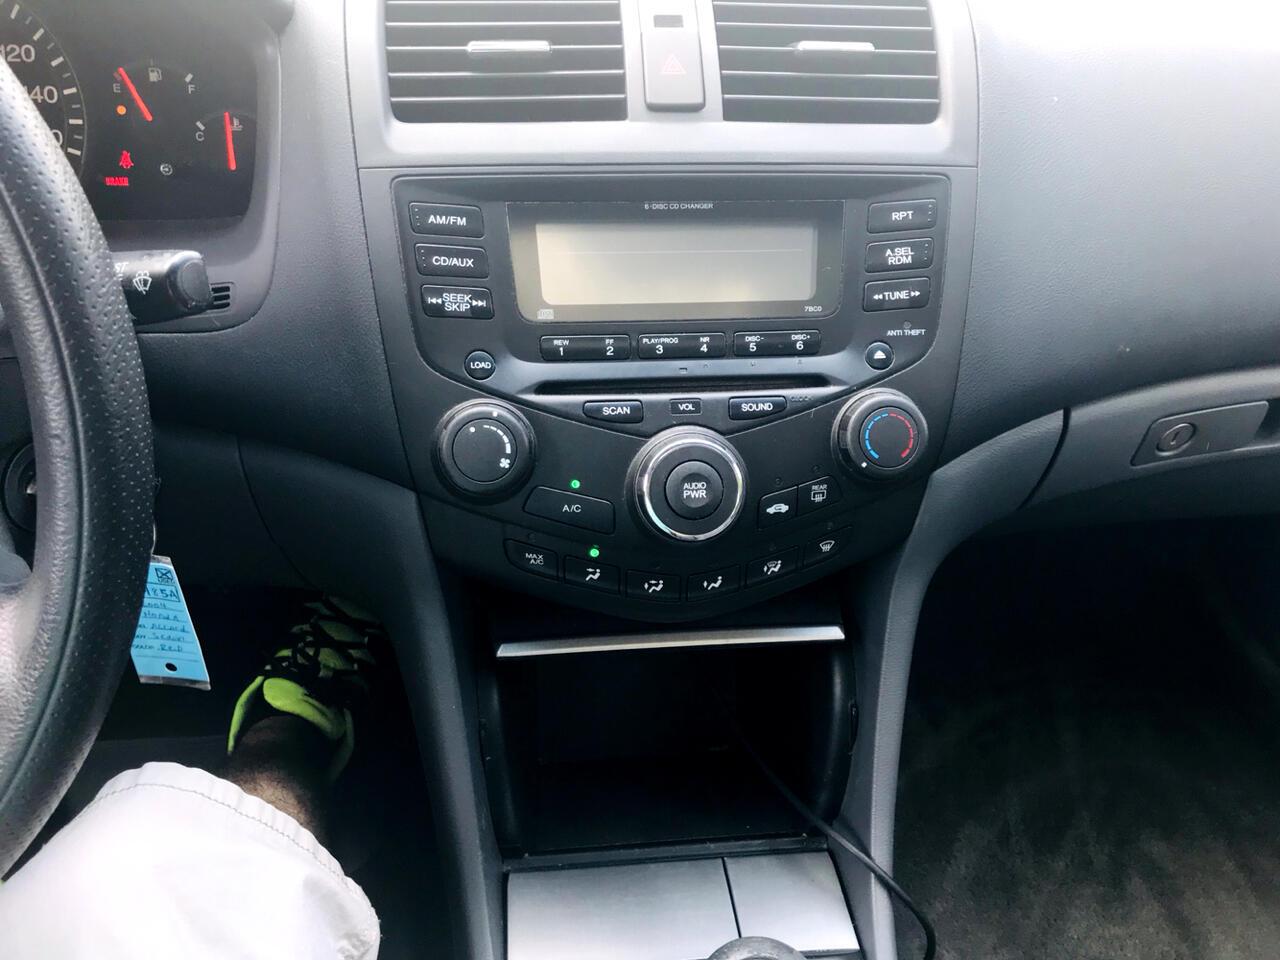 2004 Honda Accord EX-L Sedan with XM Radio